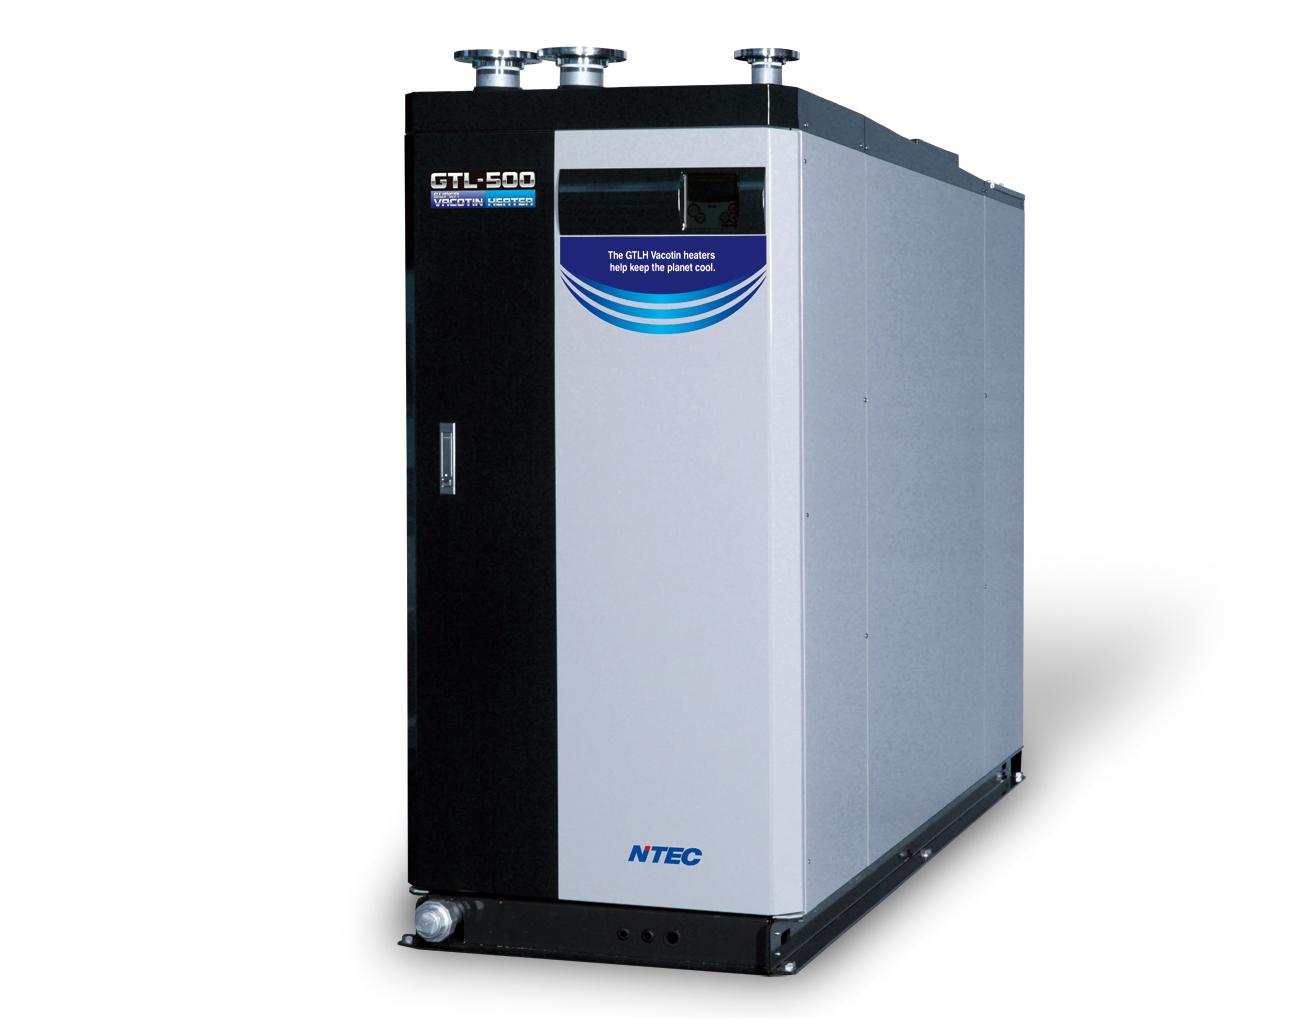 真空式温水ヒーター「スーパーパコティンヒーター」。本体が腐食しないため、耐用年数は15年以上。業界最高効率で、環境負荷低減を実現する